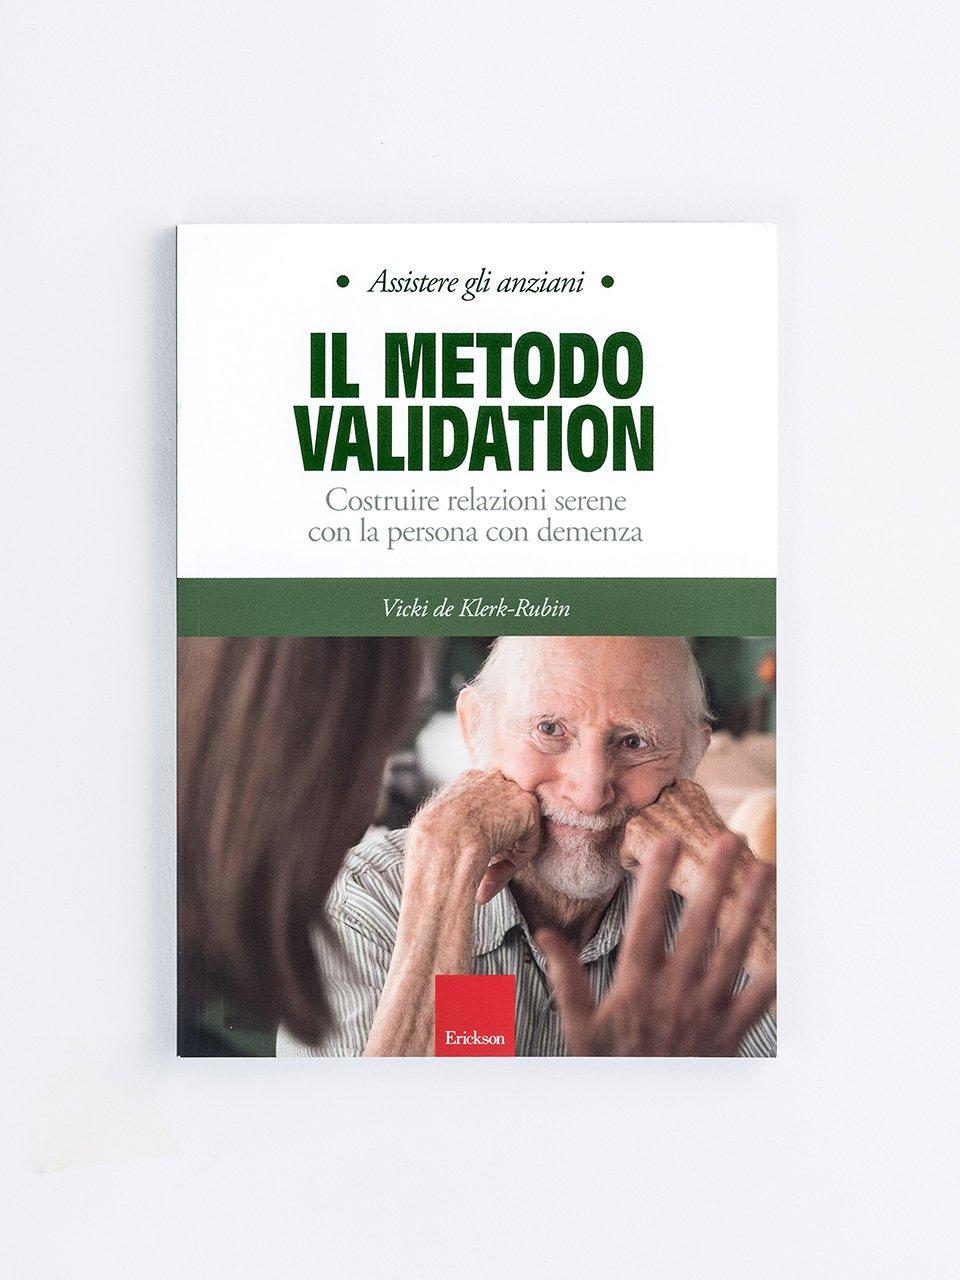 Assistere gli anziani - IL METODO VALIDATION - Nove principi per assistere gli anziani - Erickson